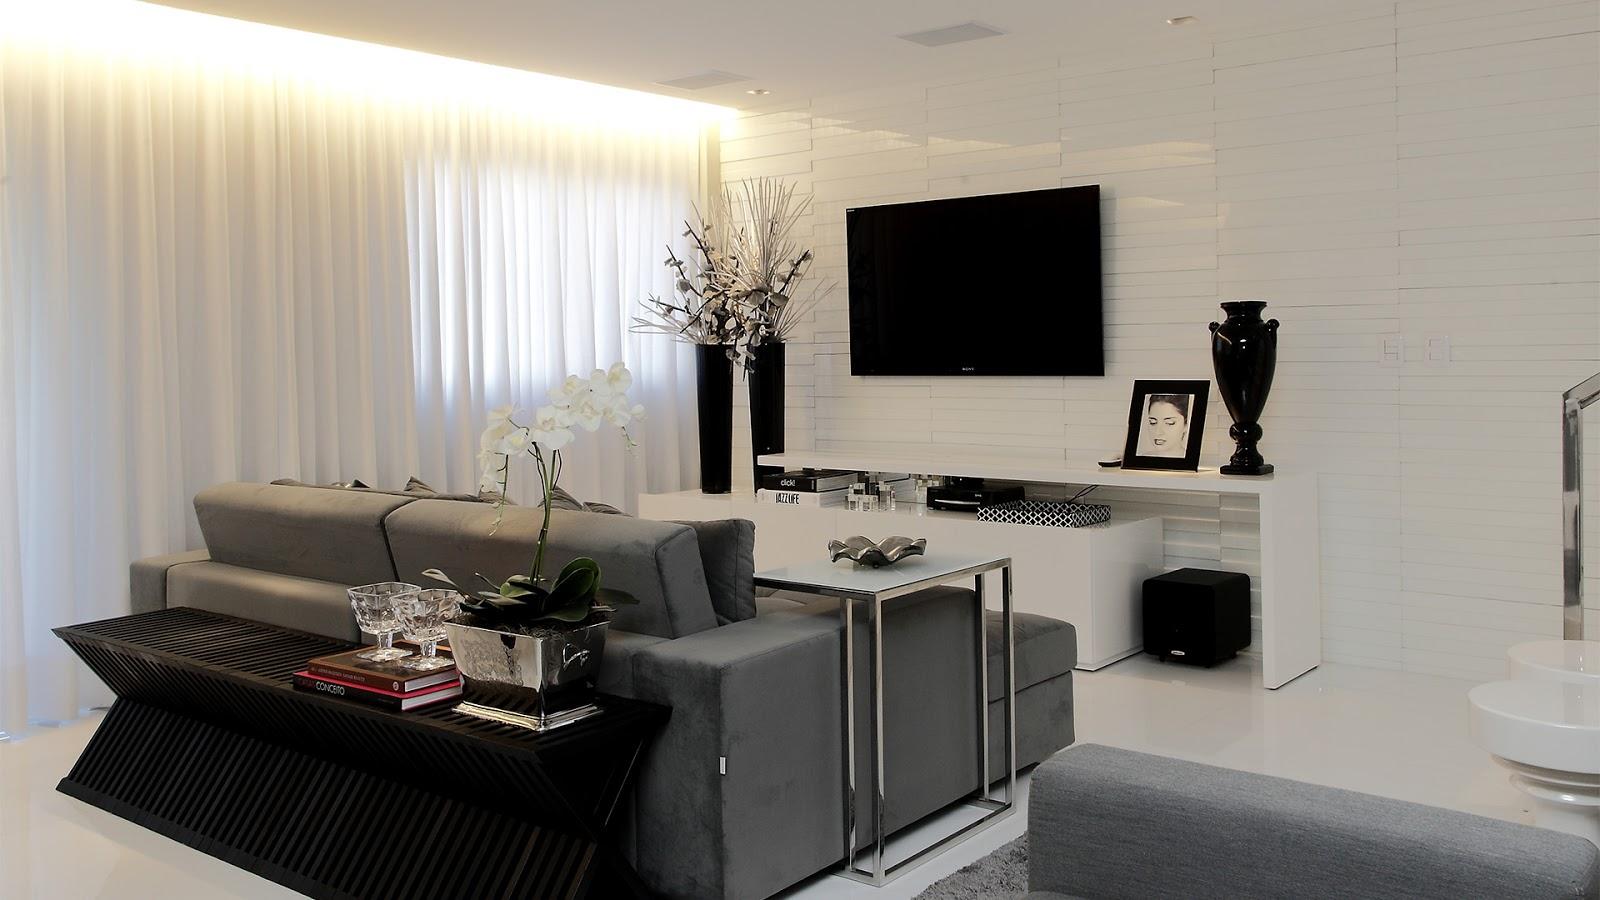 decoracao tijolo branco : decoracao tijolo branco:Adorei o móvel atrás do sofá e a mesa de apoio metálica dele